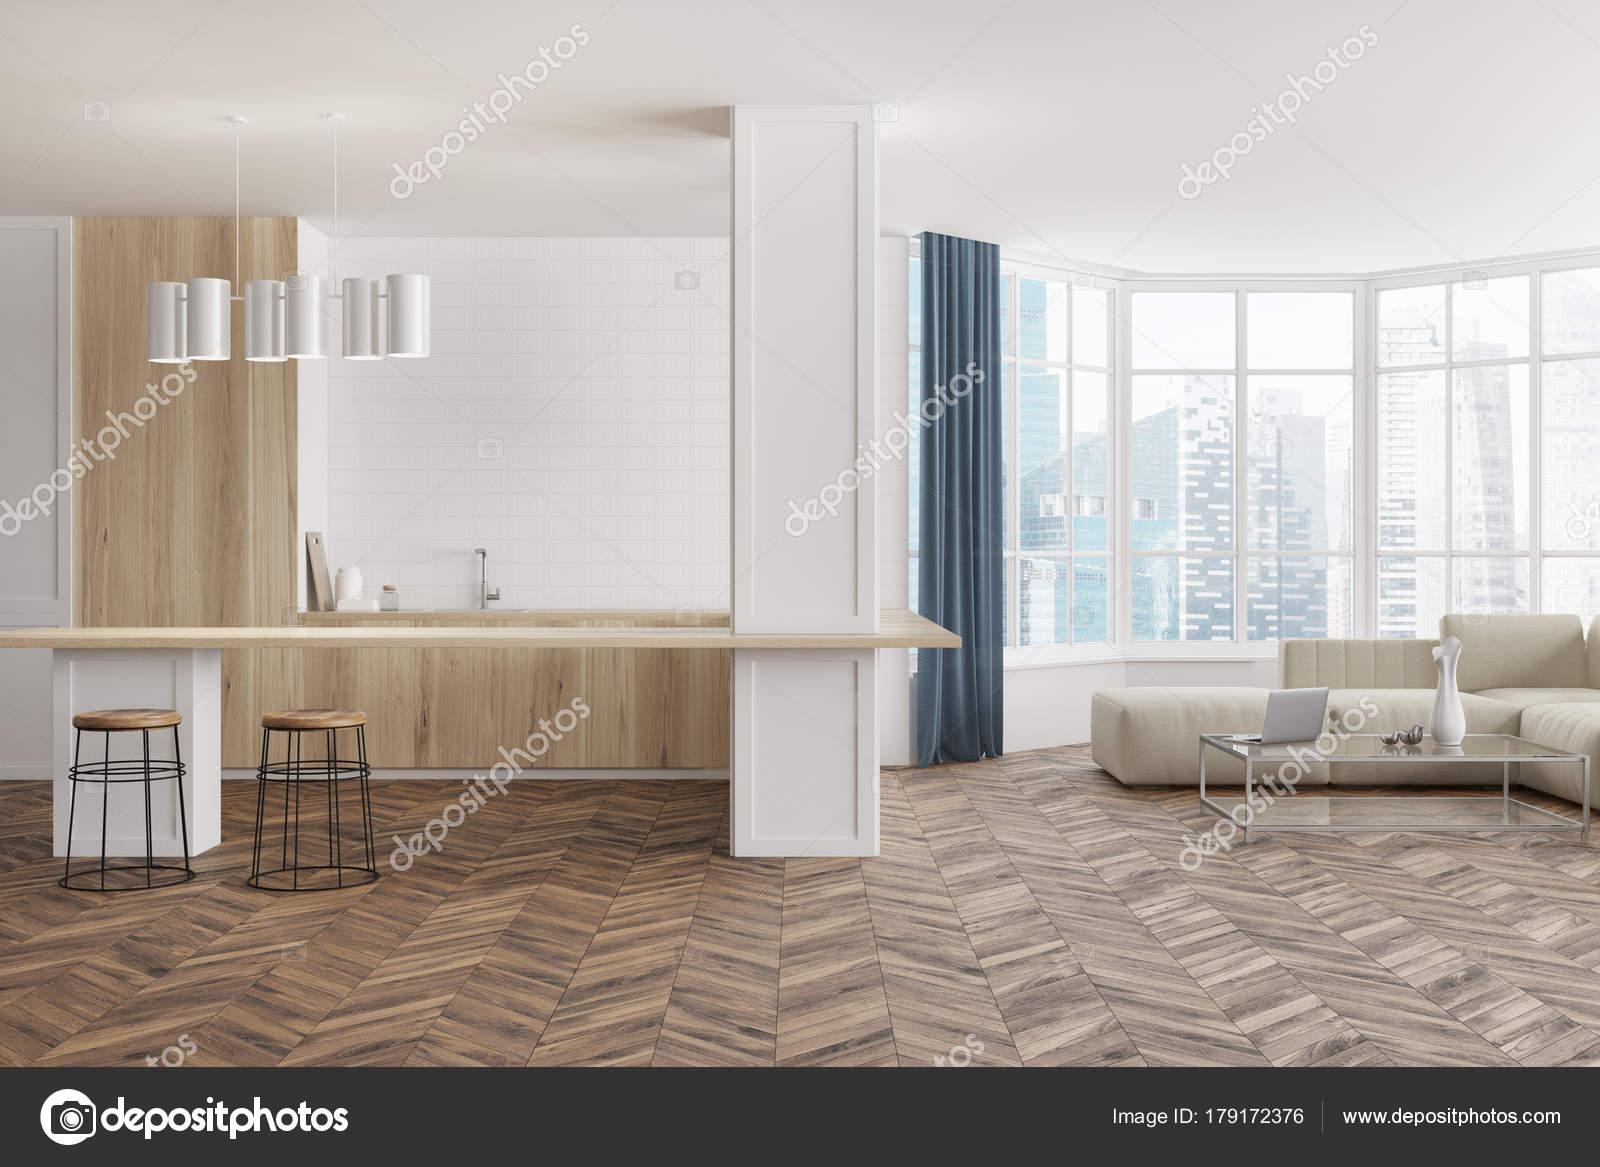 Ikea Woonkamer Hoekbanken : U woonkamer ikea woonkamer hoekbanken vojtsek woonkamer taupe